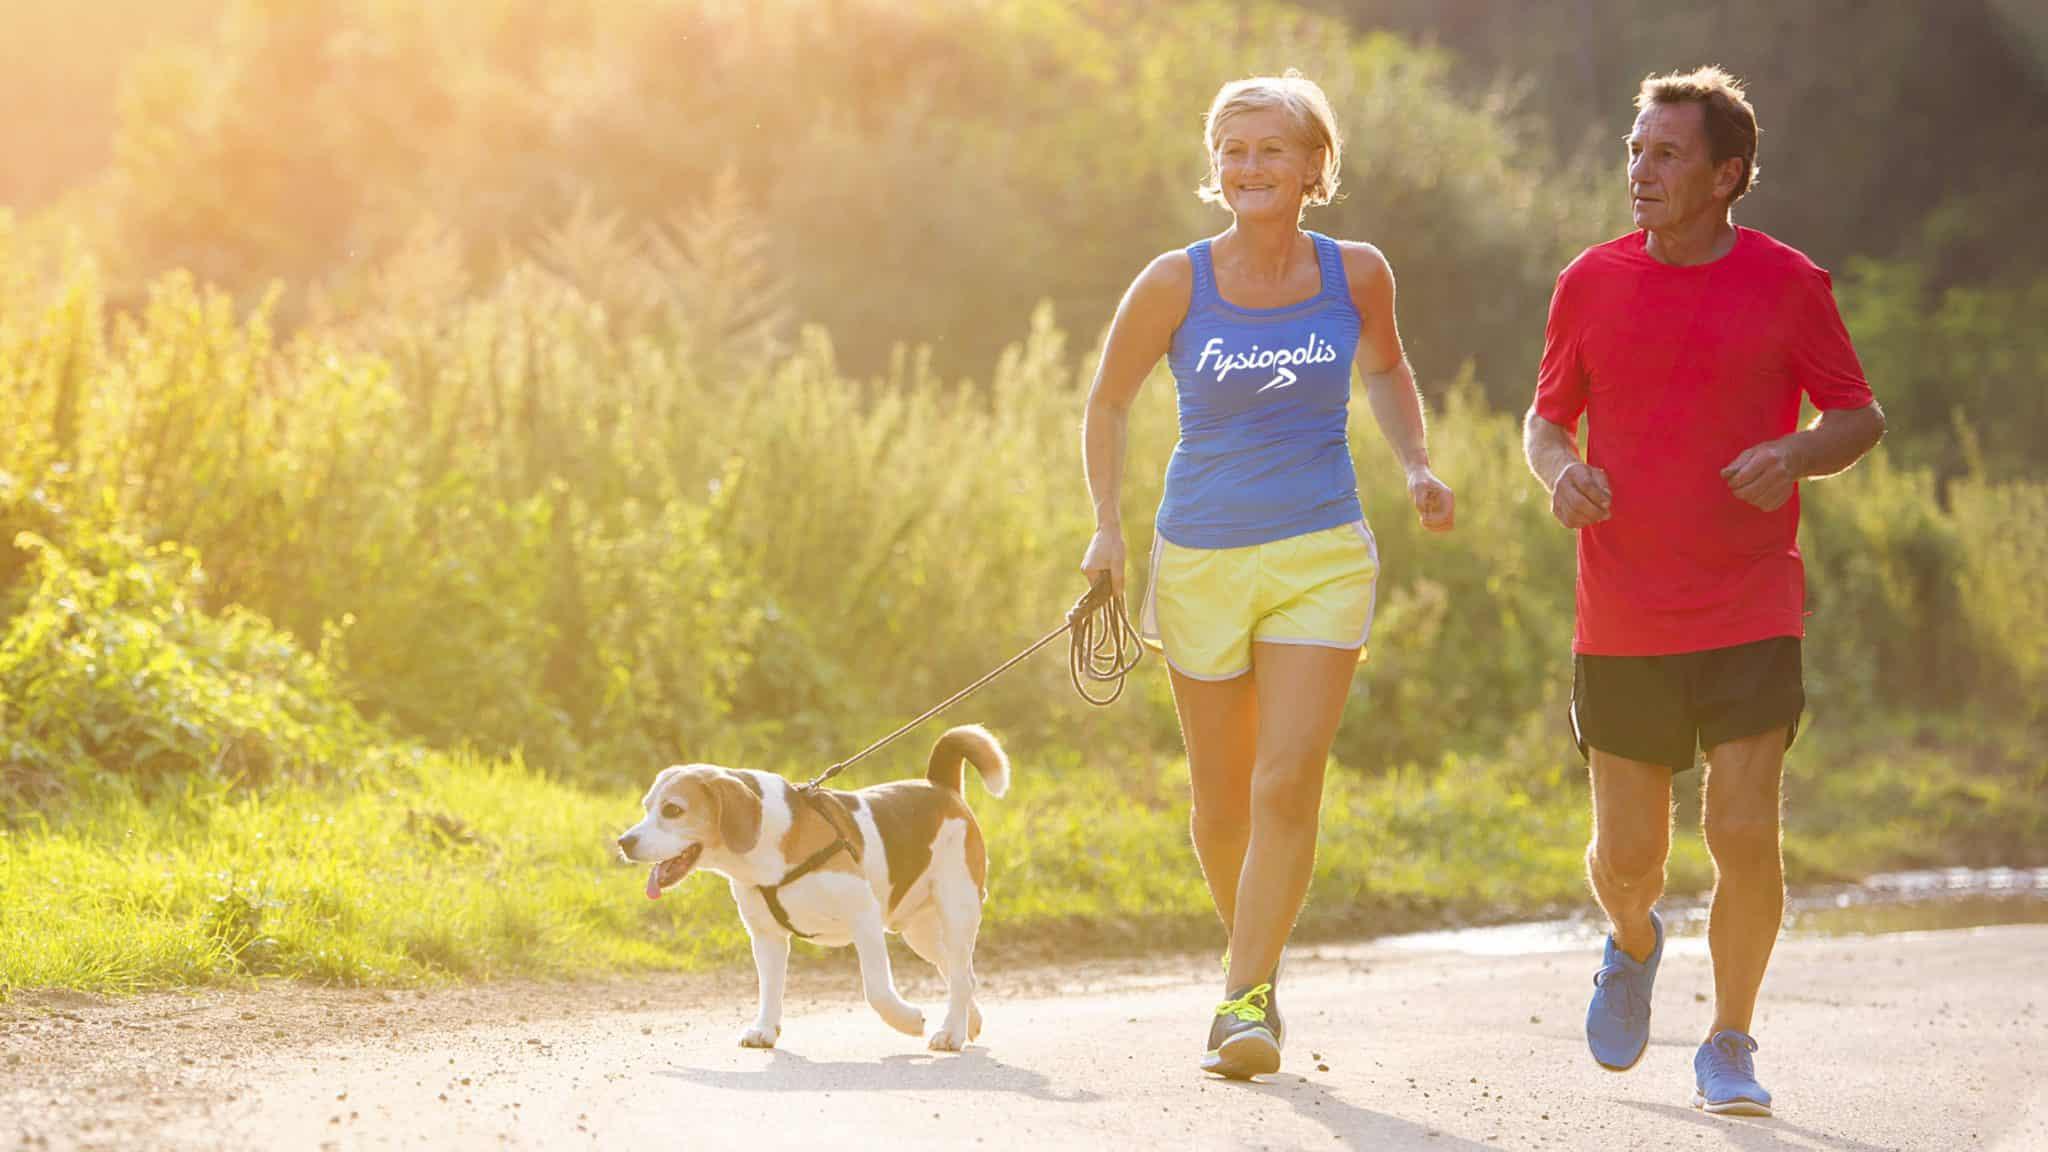 Liikunnan hyödyt – Liike on lääkettä